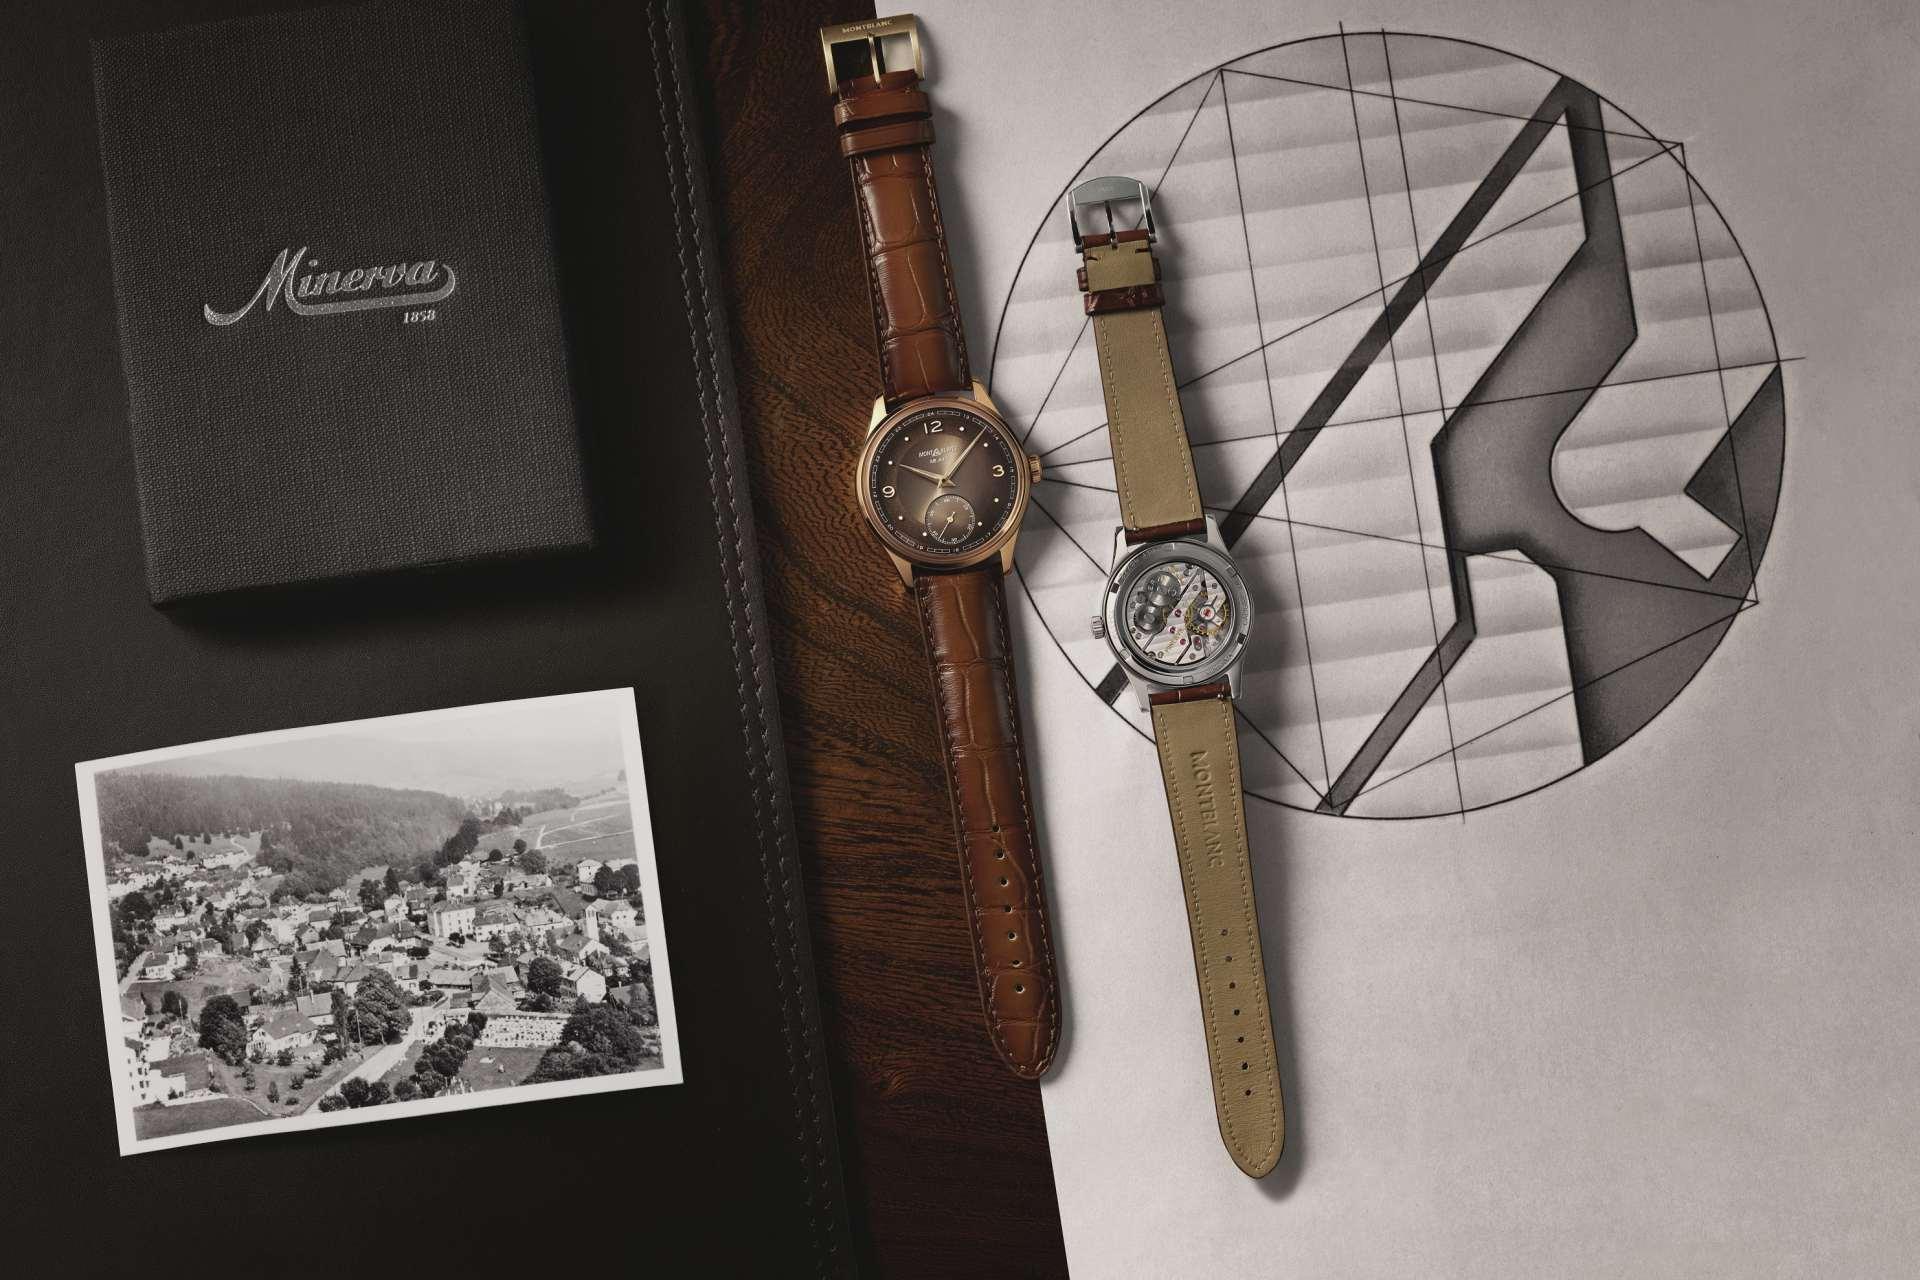 萬寶龍傳承系列Pythagore小秒盤腕錶限量款148,以全新機芯發揚Minerva歷史傳承